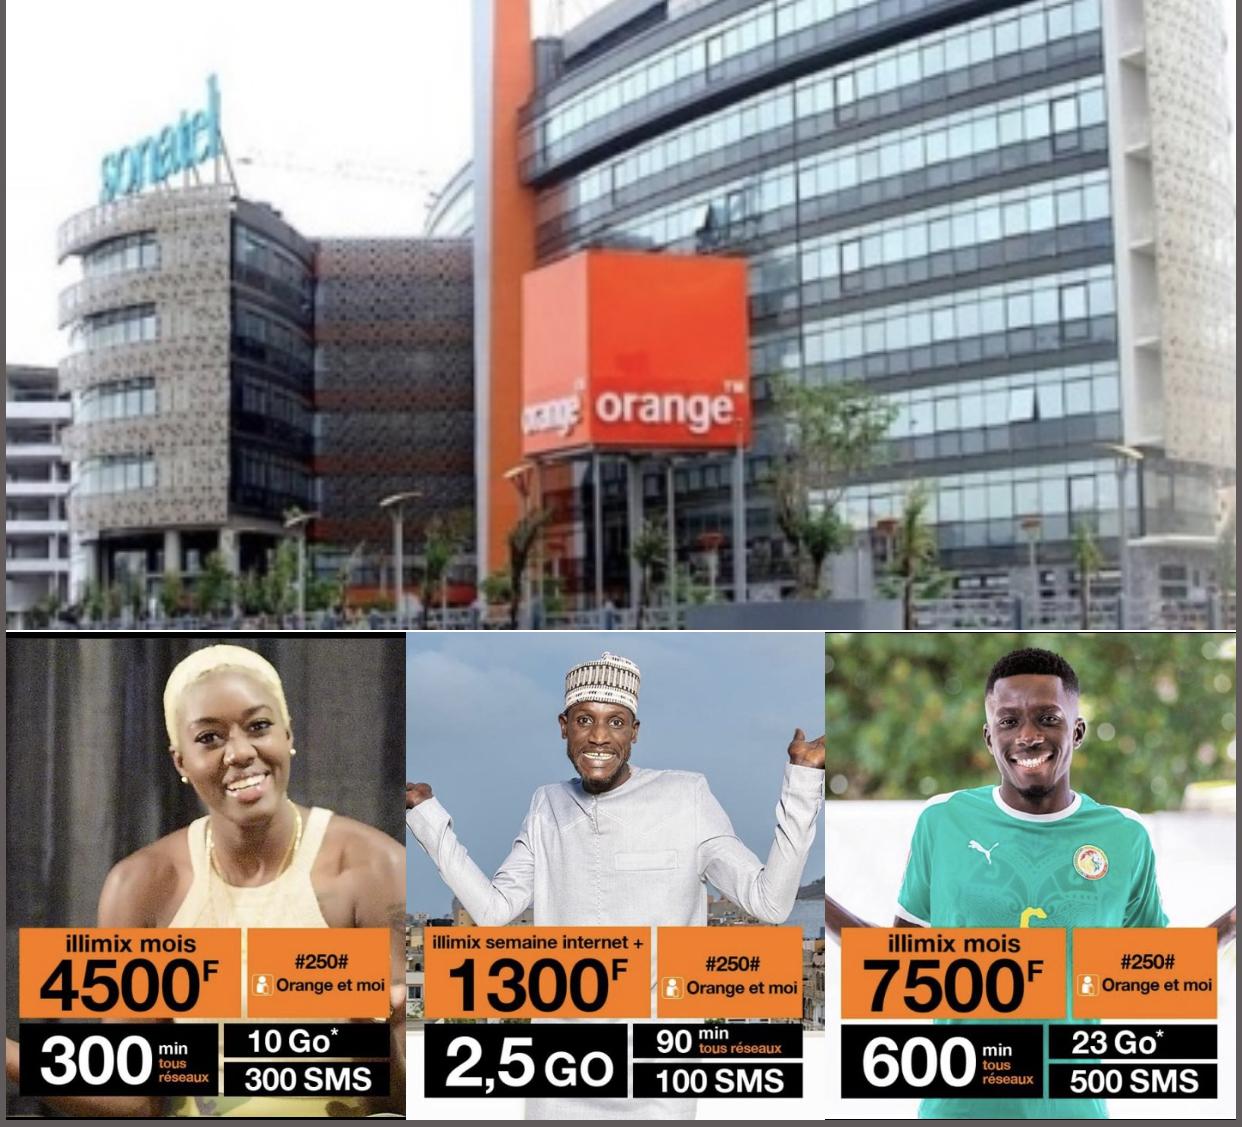 Sonatel Orange lance de nouvelles offres et réaffirme son soutien au plan de résilience de l'Etat contre la covid19. (Communiqué)